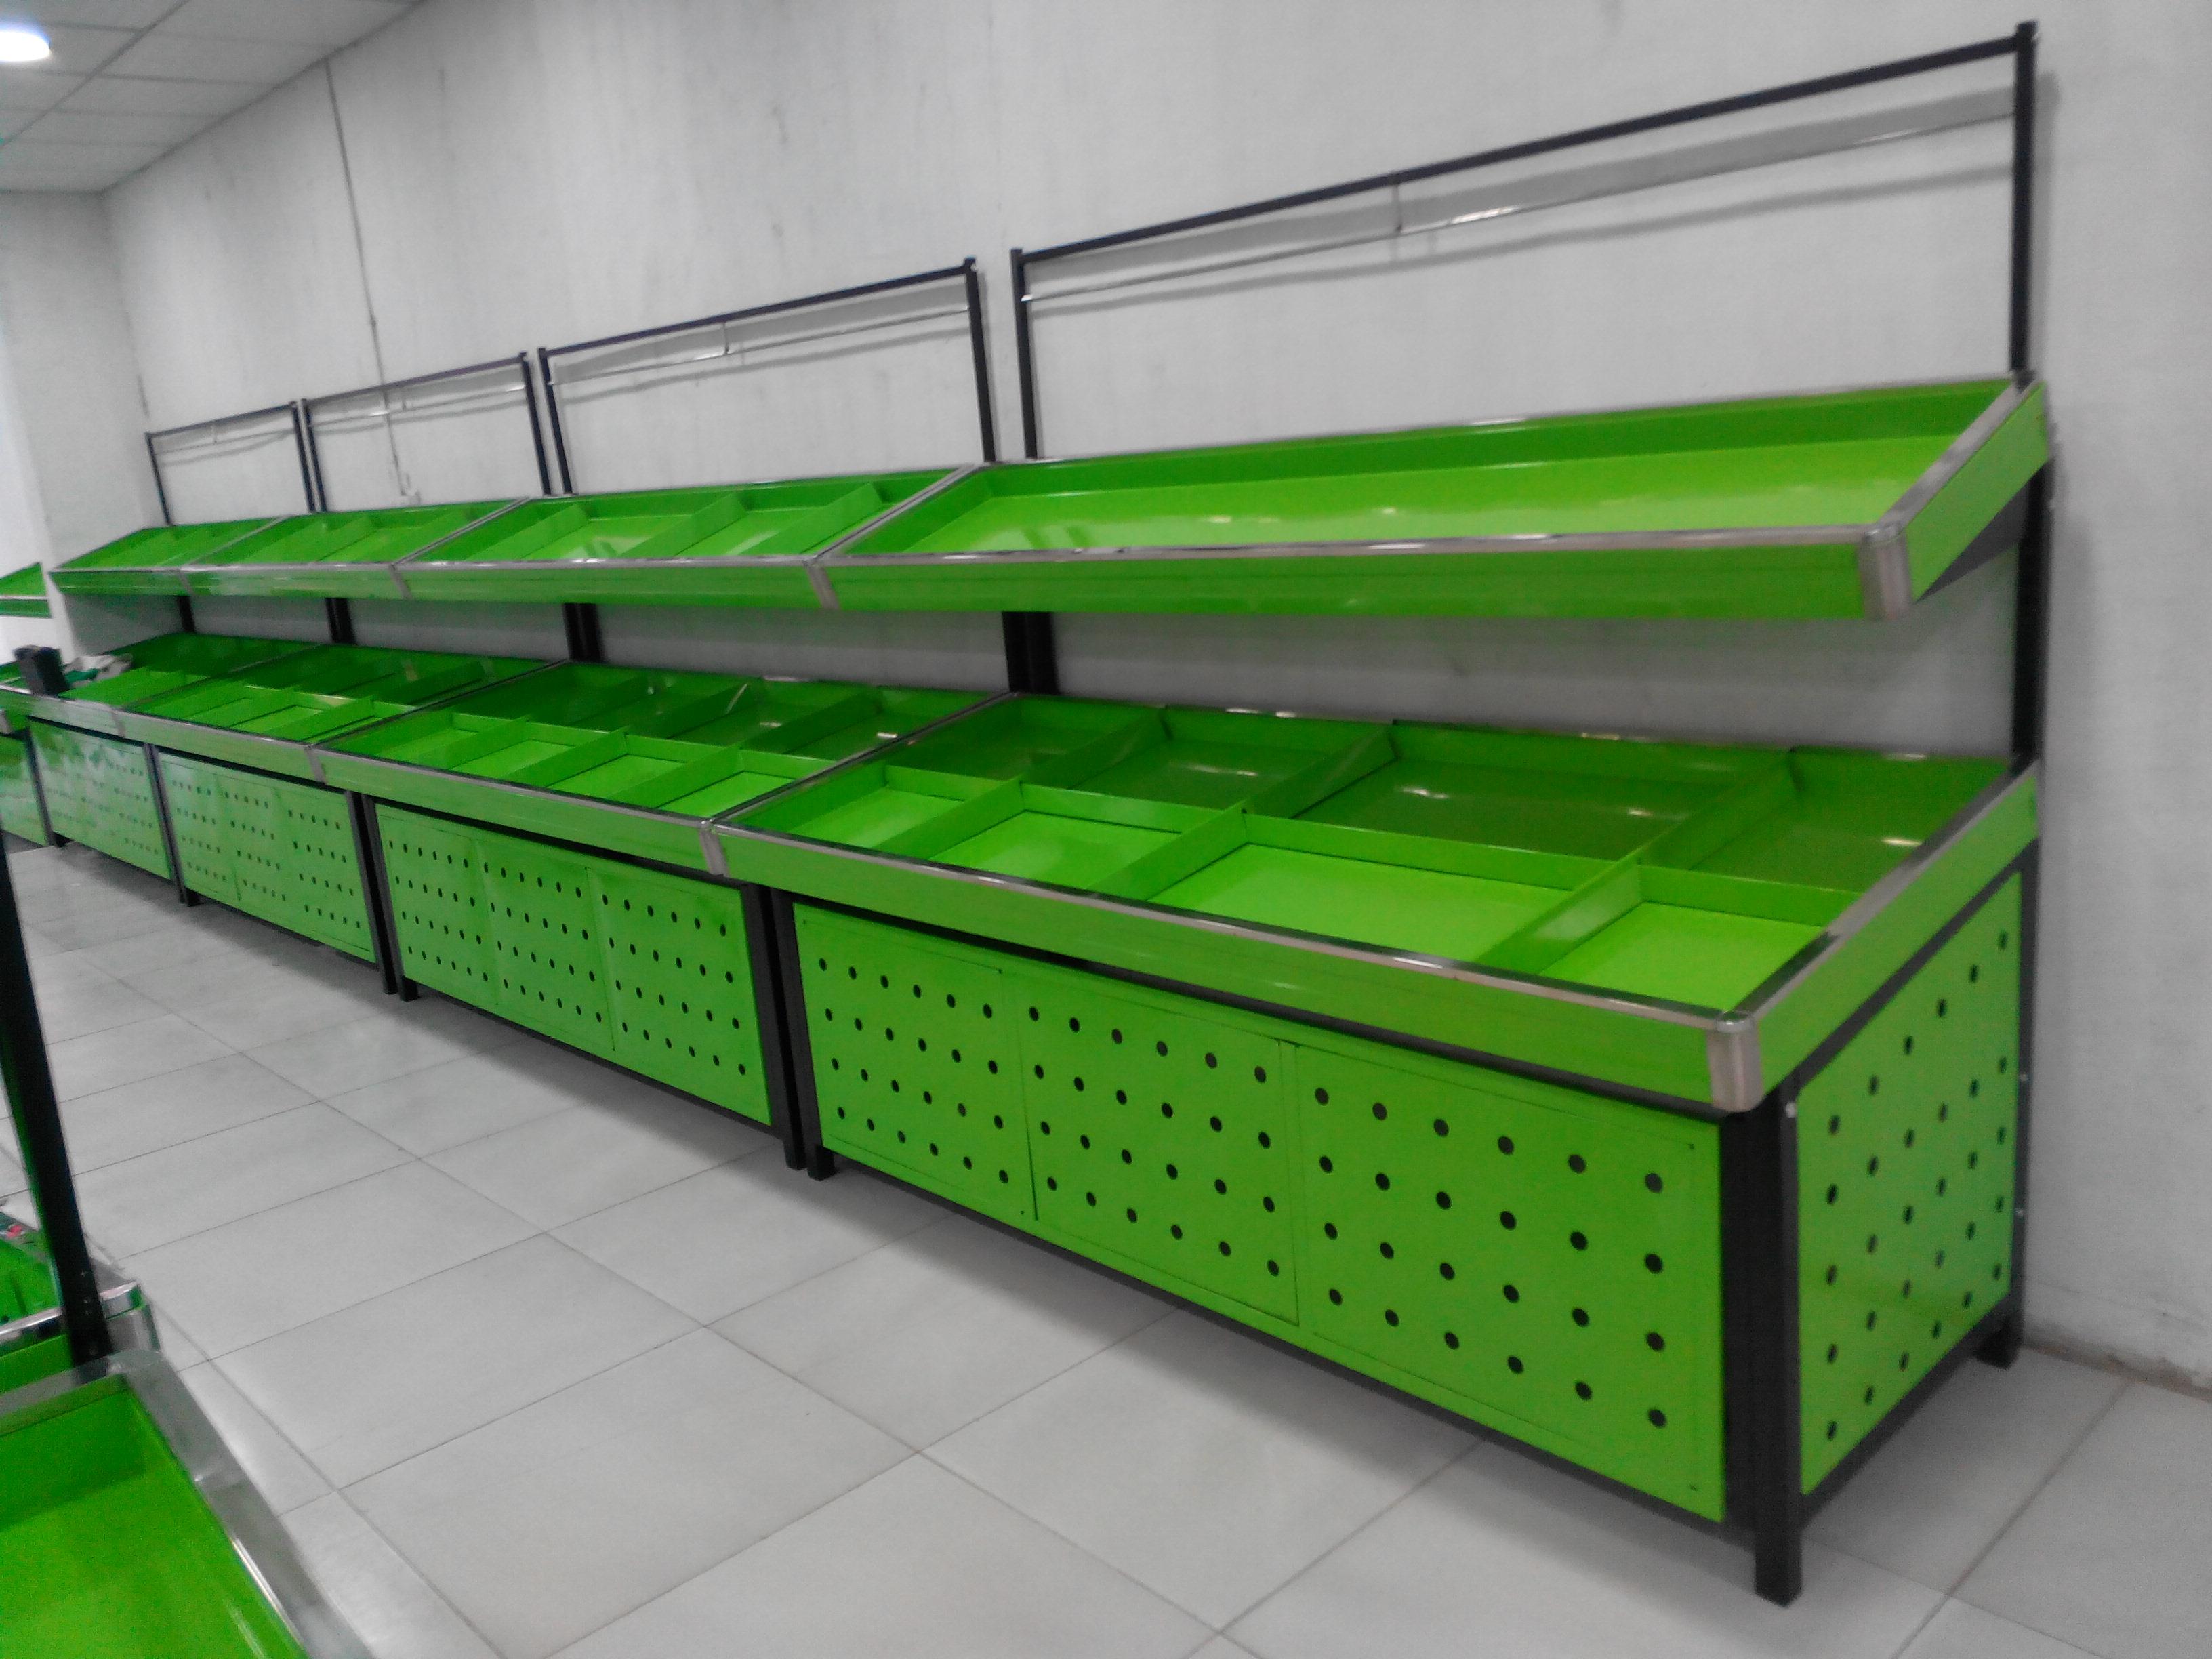 蔬菜架果蔬架蔬菜水果货架水果店蔬菜店展示架超市促销台水果货架